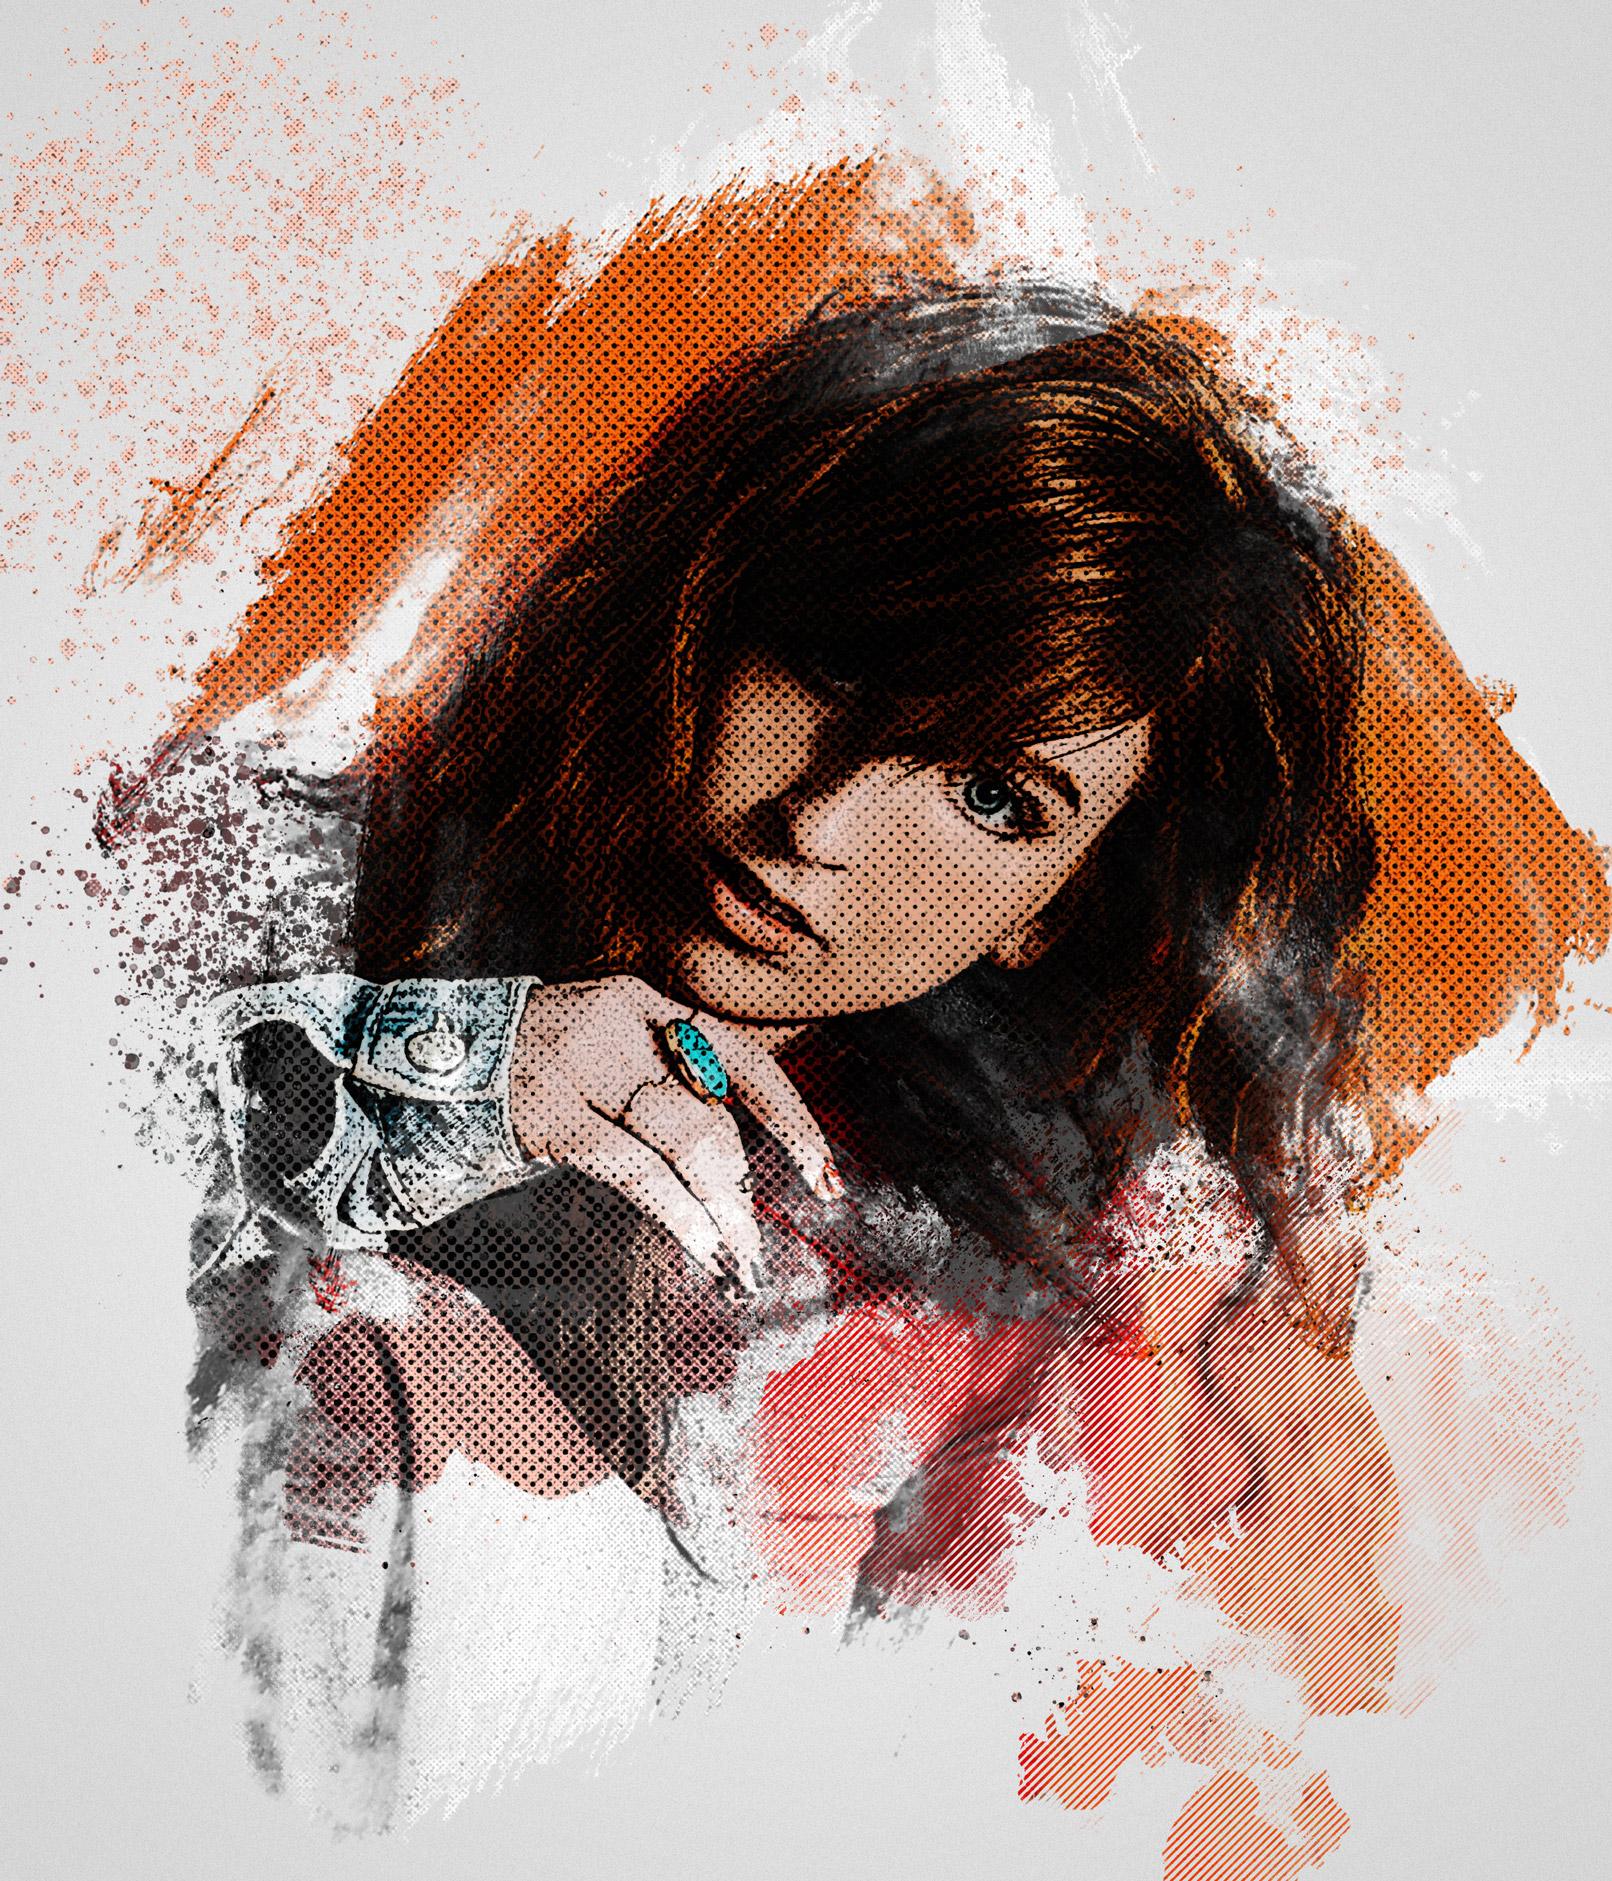 """Photoshop-Aktion """"Vibrant Halftone Art"""": Klicke Rastereffekte und Farbkleckse in deine Fotos"""